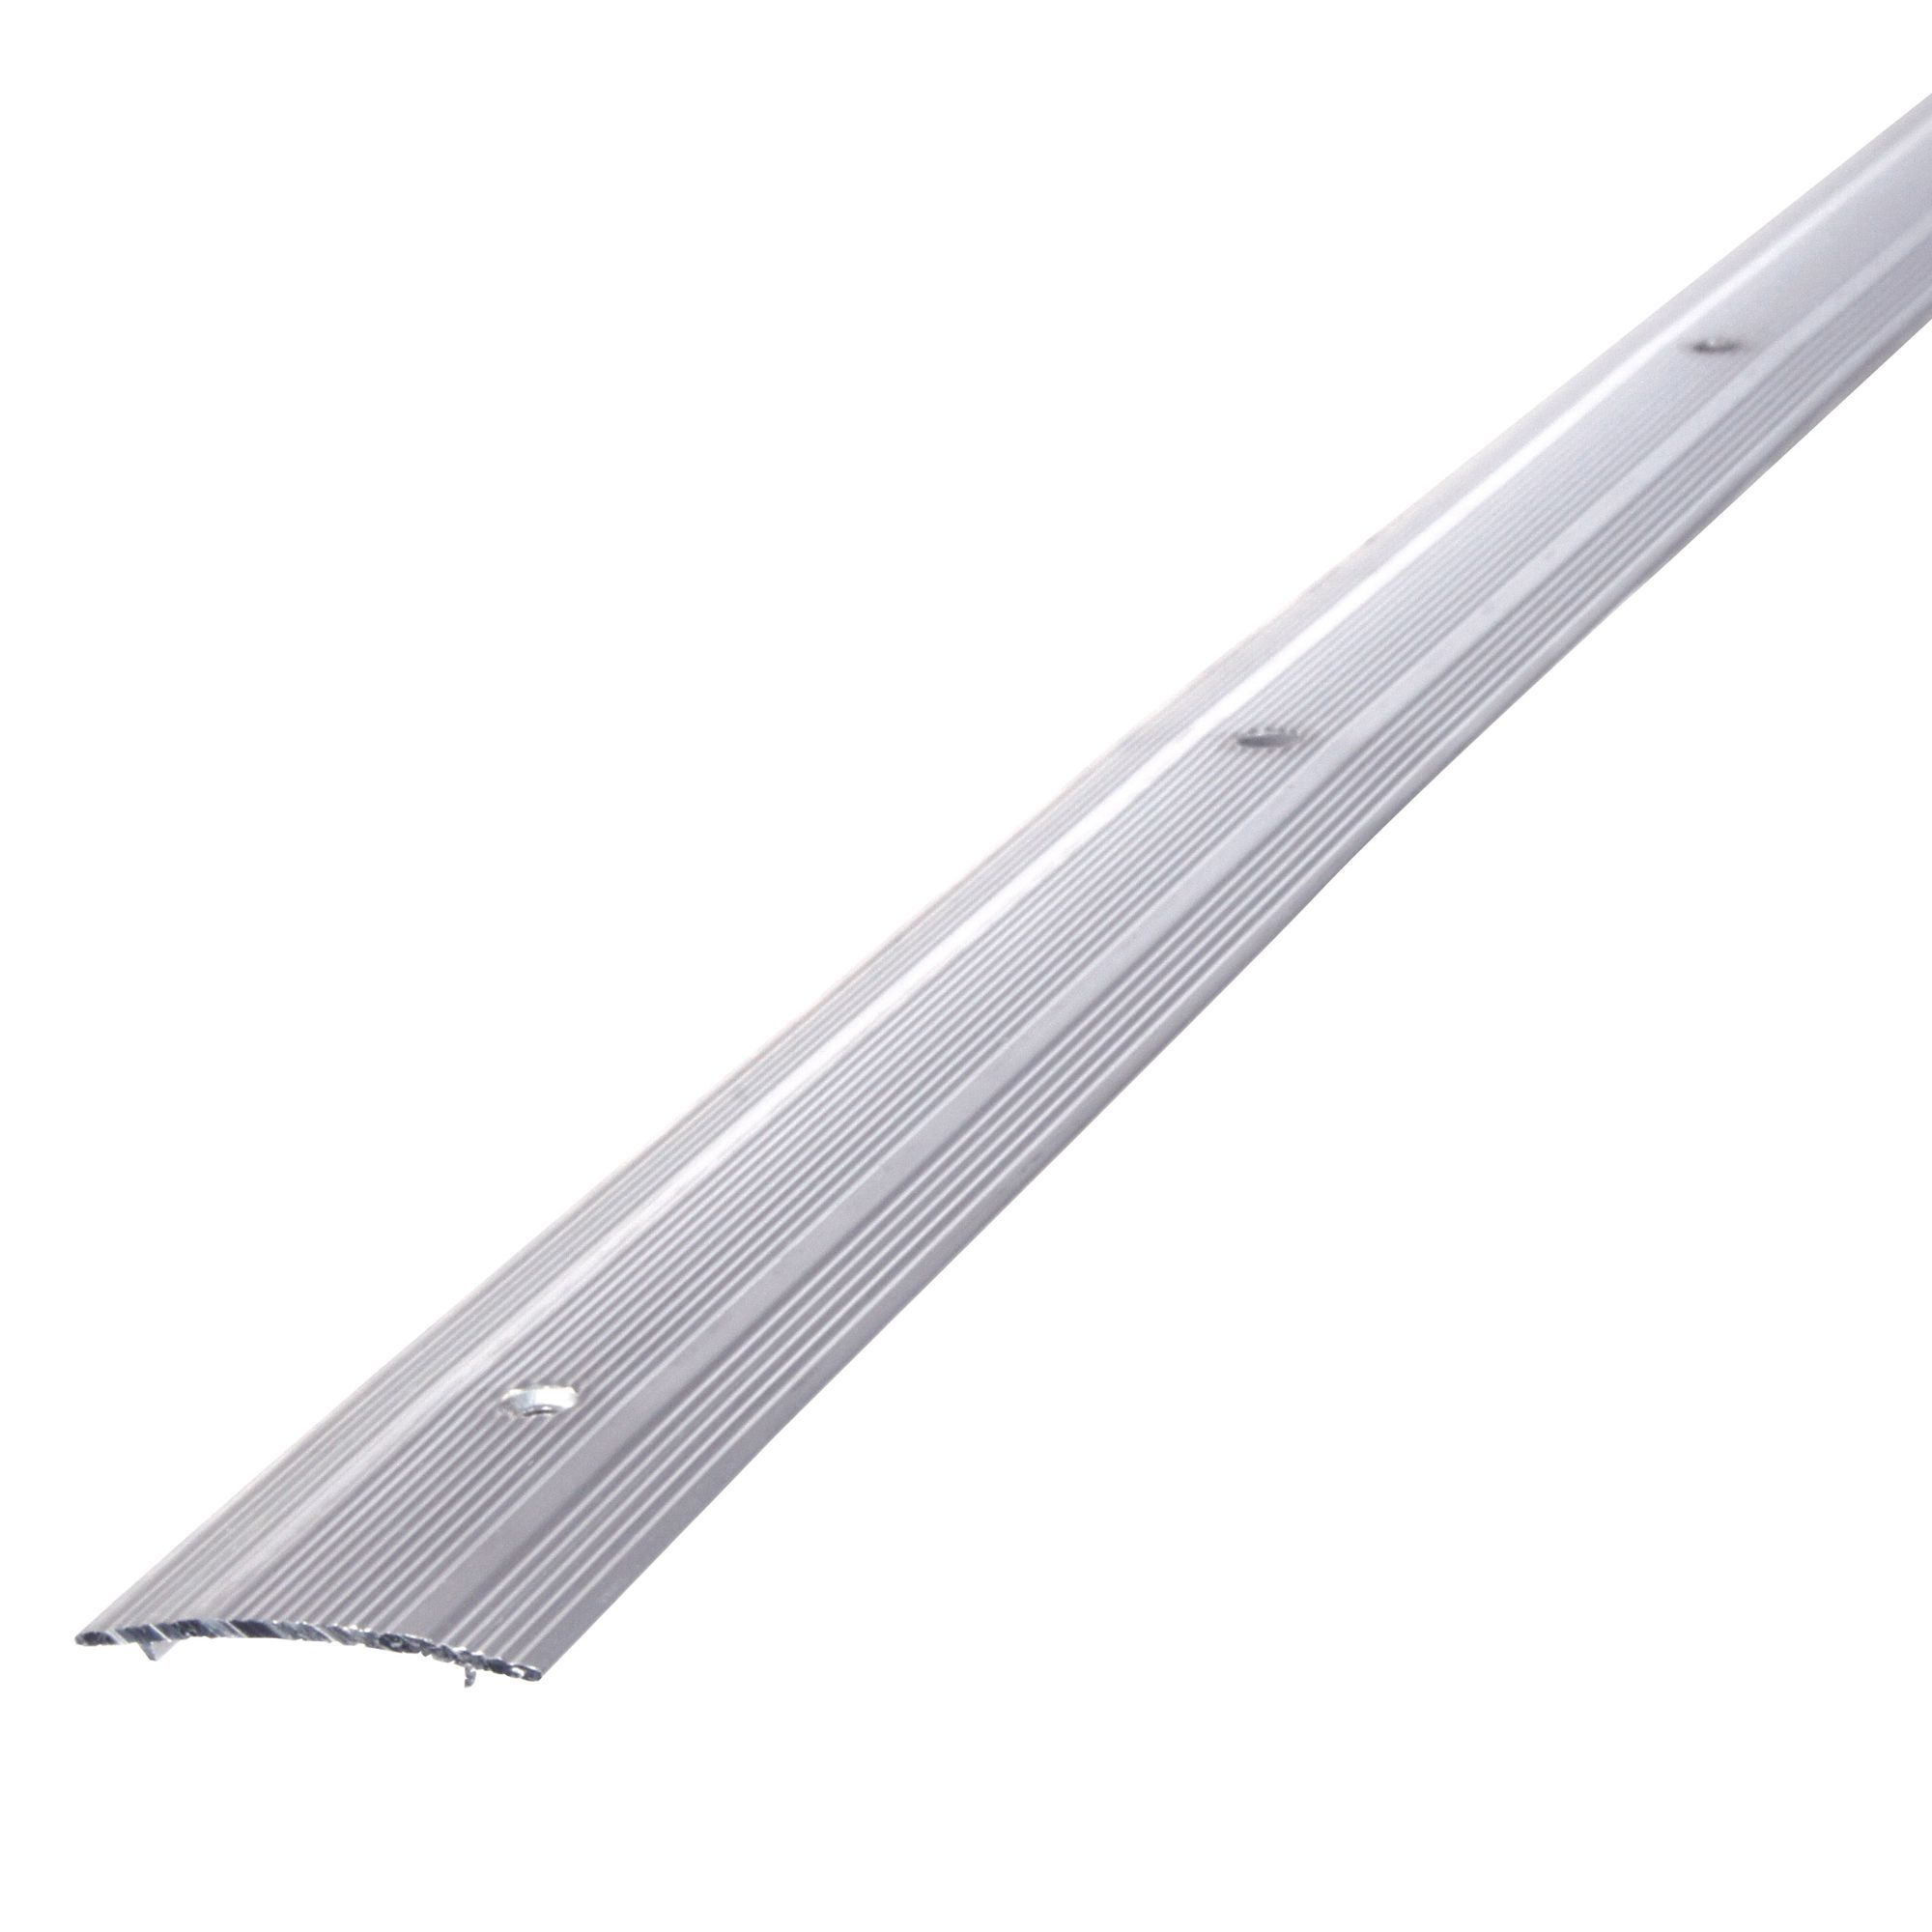 Diall Aluminium Effect Metal Edging 90 Cm Departments